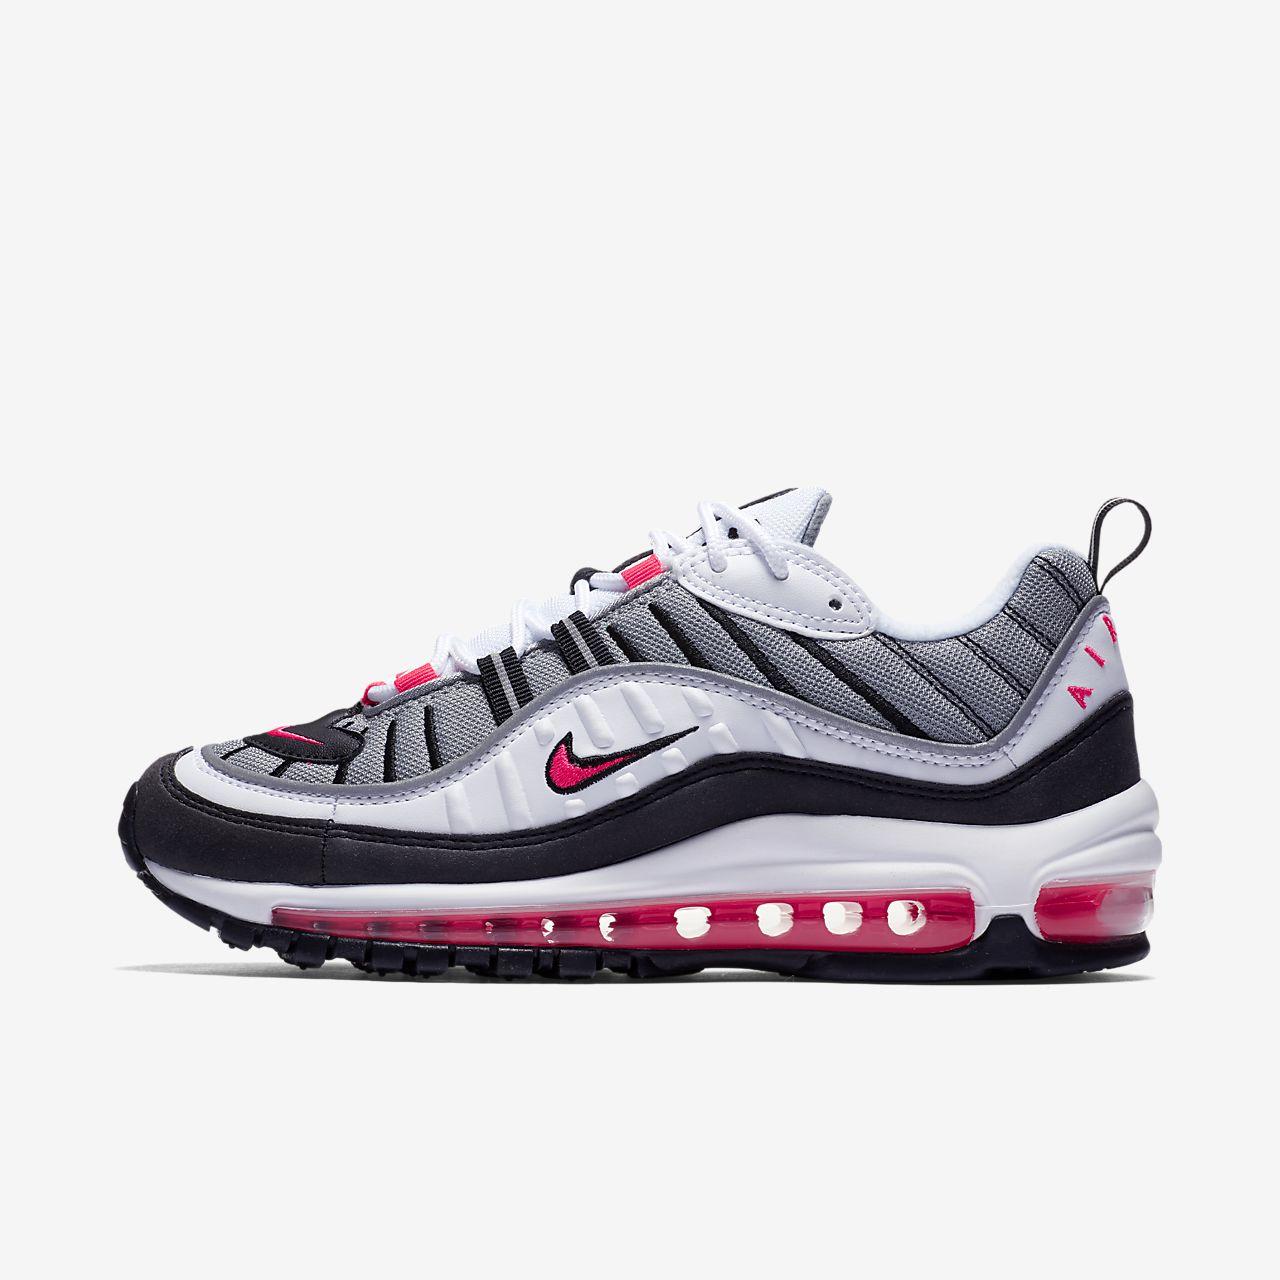 รองเท้าผู้หญิง Nike Air Max 98